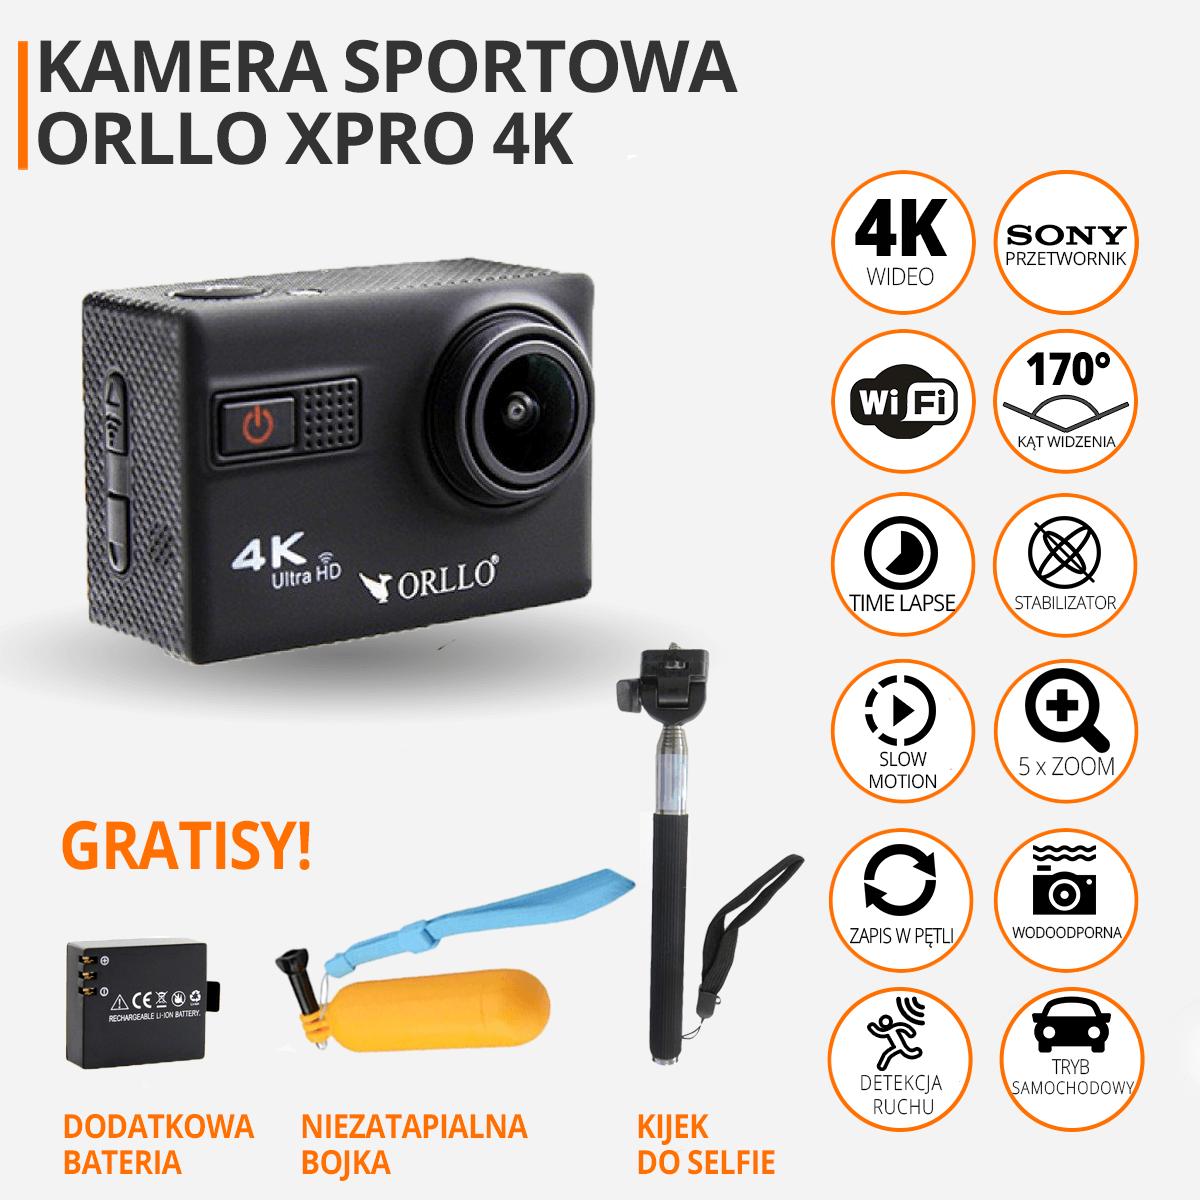 kamerka-sportowa-XPRO-orllo-pl